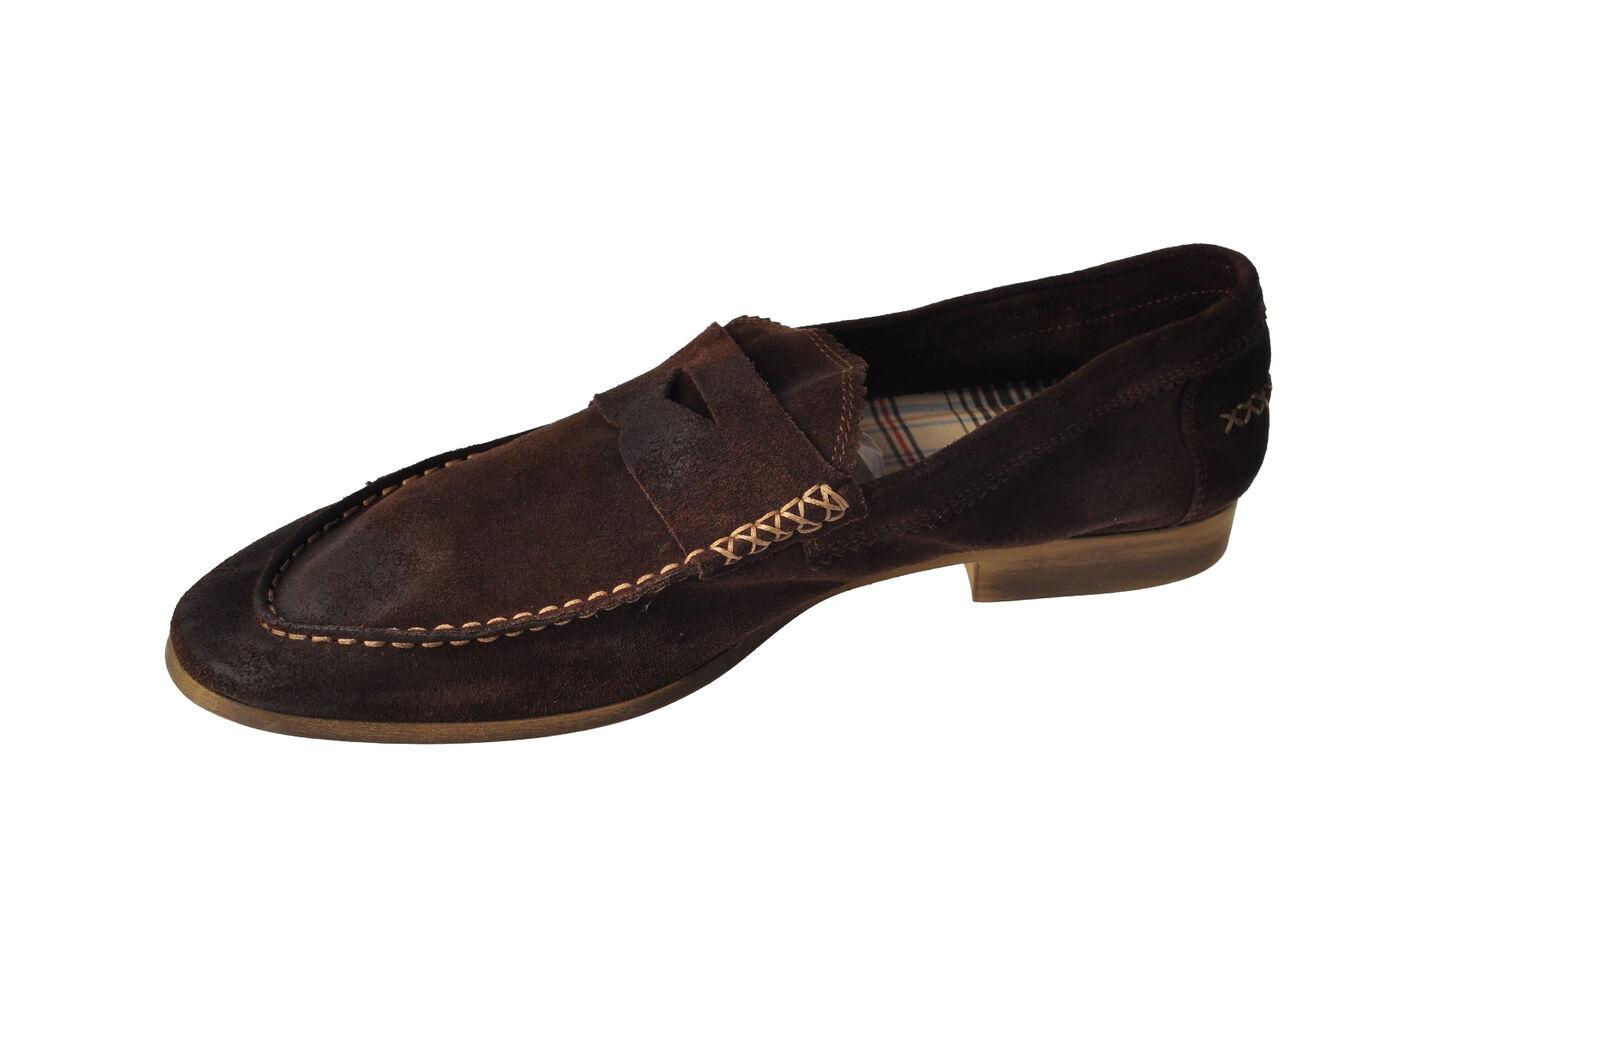 Check  - - -  Moccasins - Male - marrone - 3290918A185110 a7a011